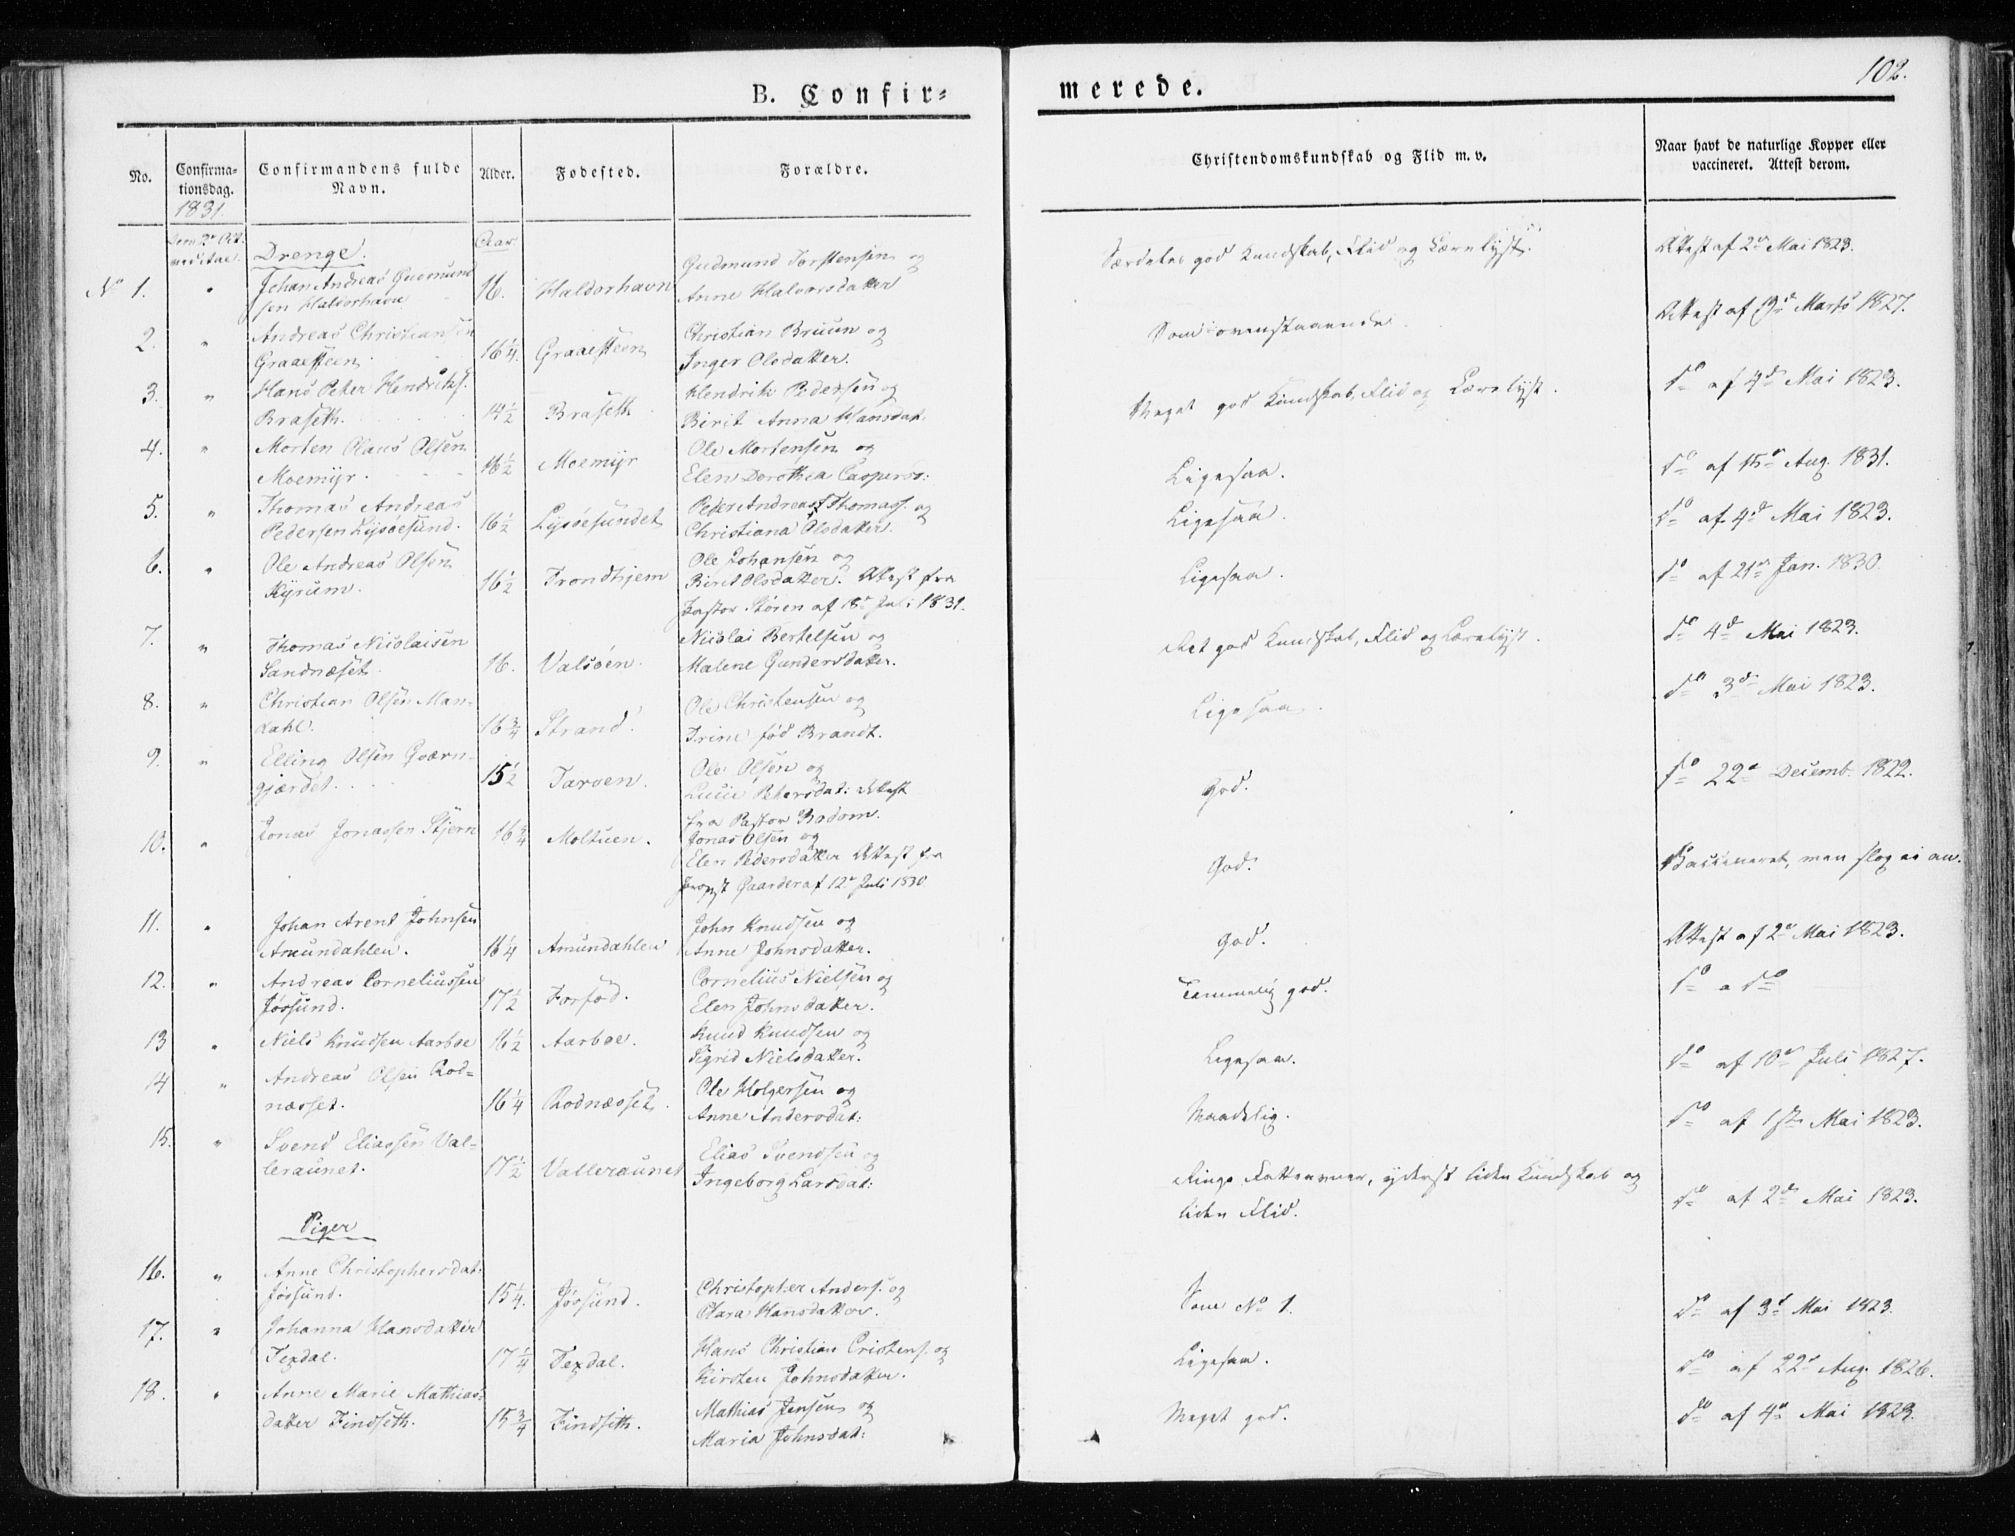 SAT, Ministerialprotokoller, klokkerbøker og fødselsregistre - Sør-Trøndelag, 655/L0676: Ministerialbok nr. 655A05, 1830-1847, s. 102